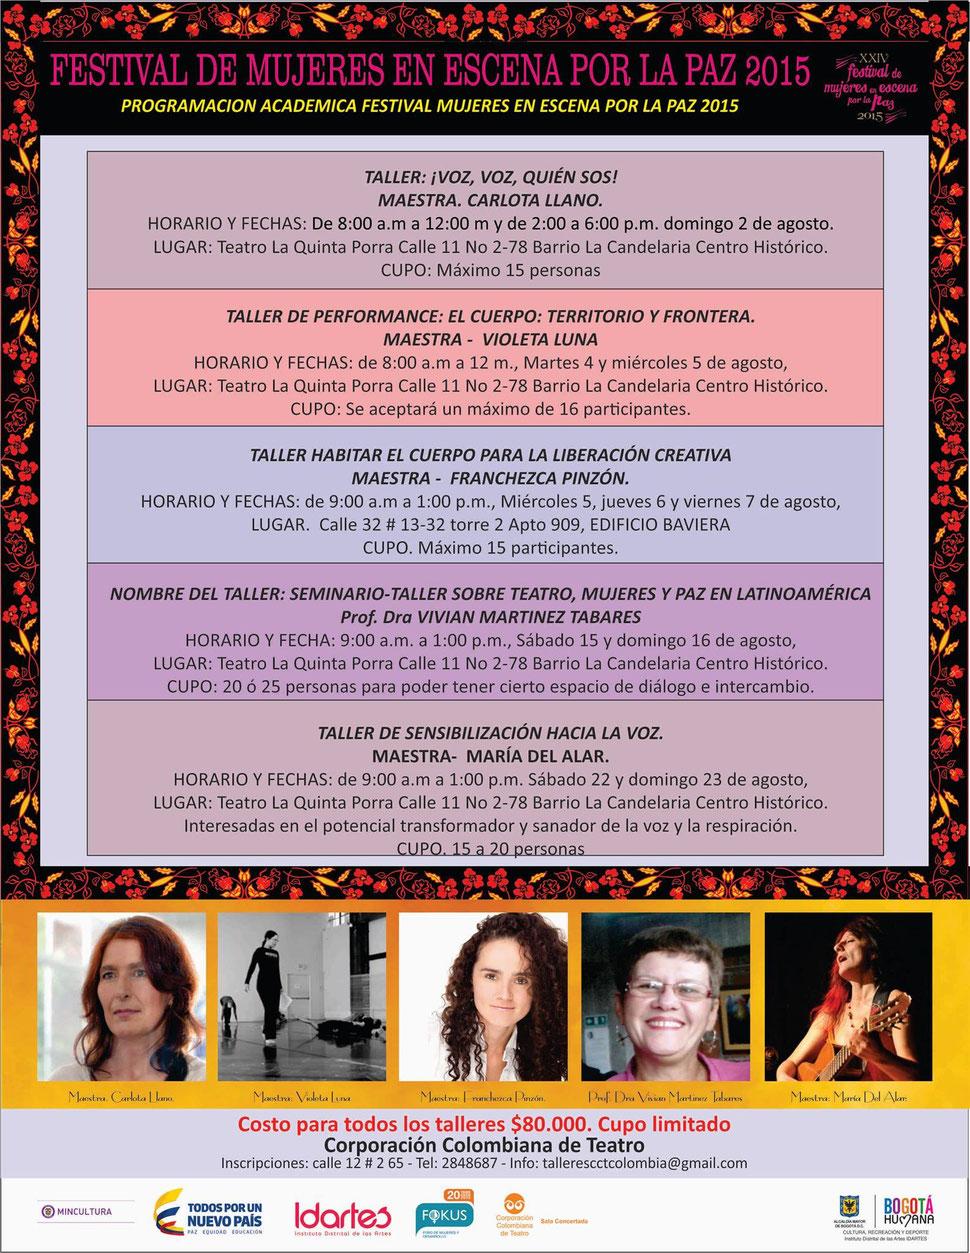 Talleres en el Festival de Mujeres en escena por la Paz